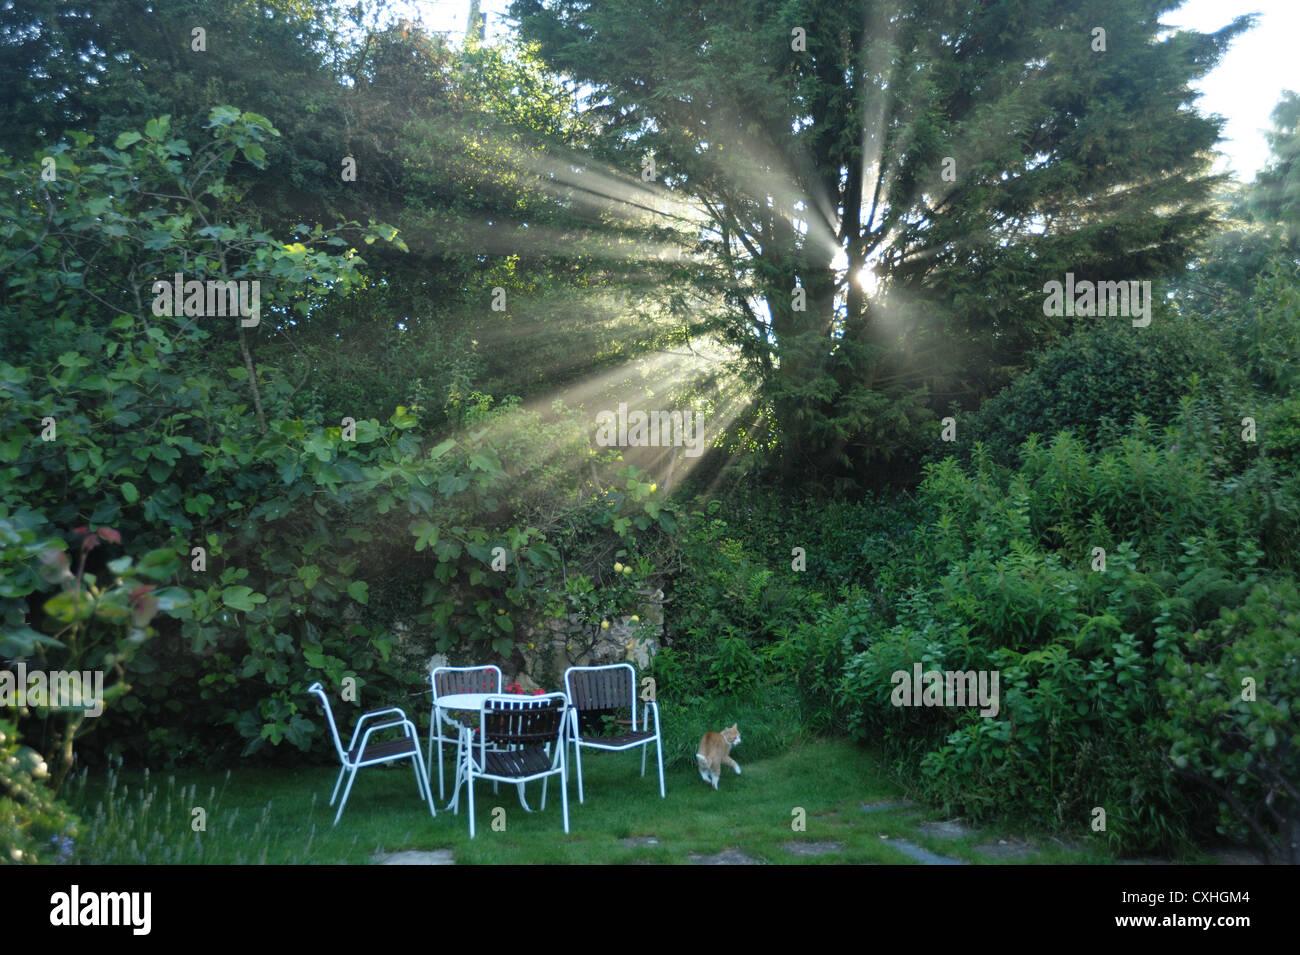 Le soleil du matin brumeux de rayons à travers un conifère arbre dans un jardin Devon Photo Stock